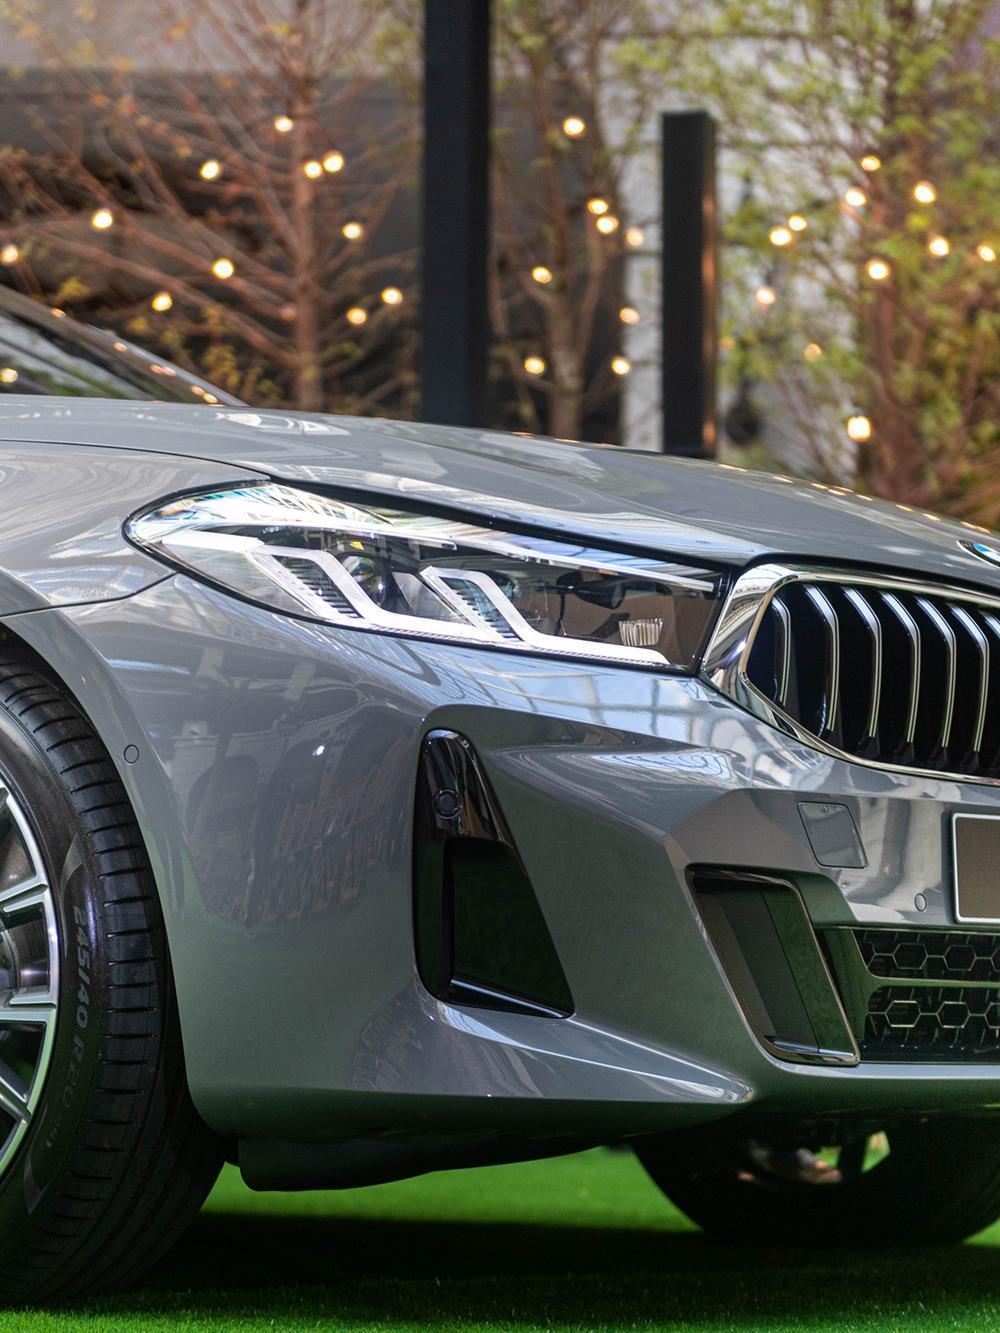 具備主動轉向照明功能的L型智慧LED頭燈組,解構自經典BMW天使眼風格,融合科技與經典,創造簡約質感風尚。